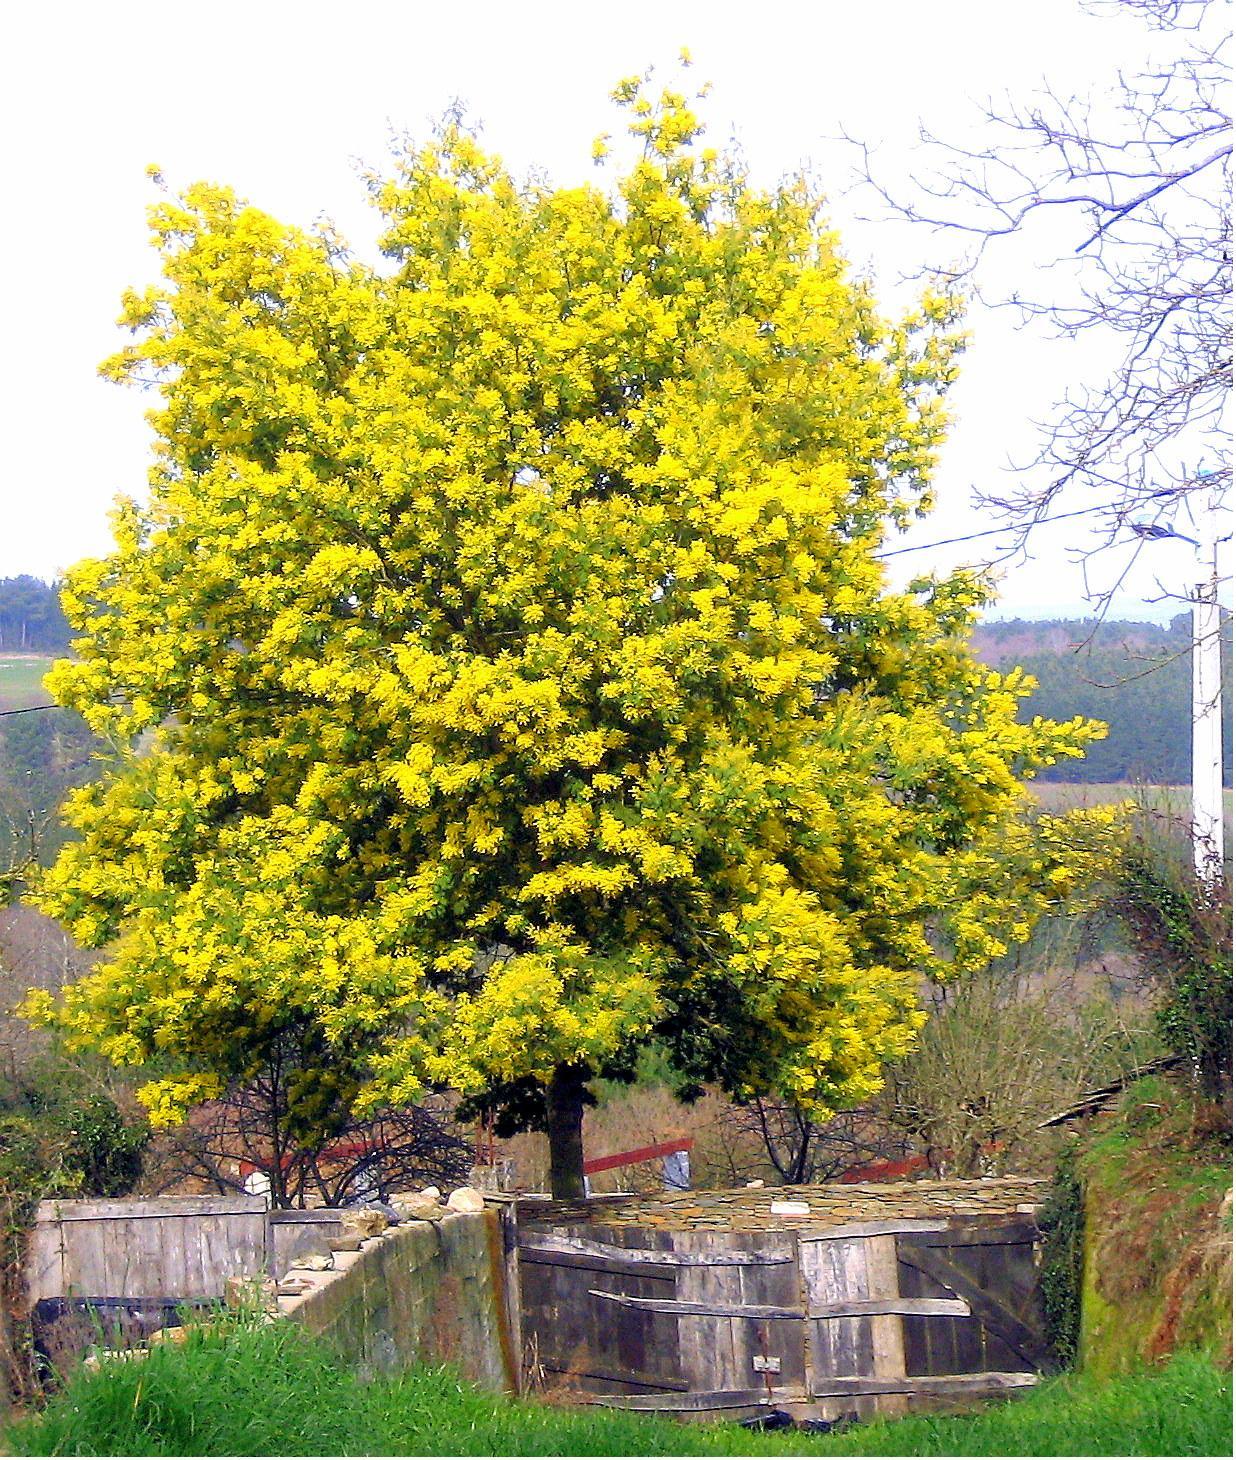 A mimosa tree